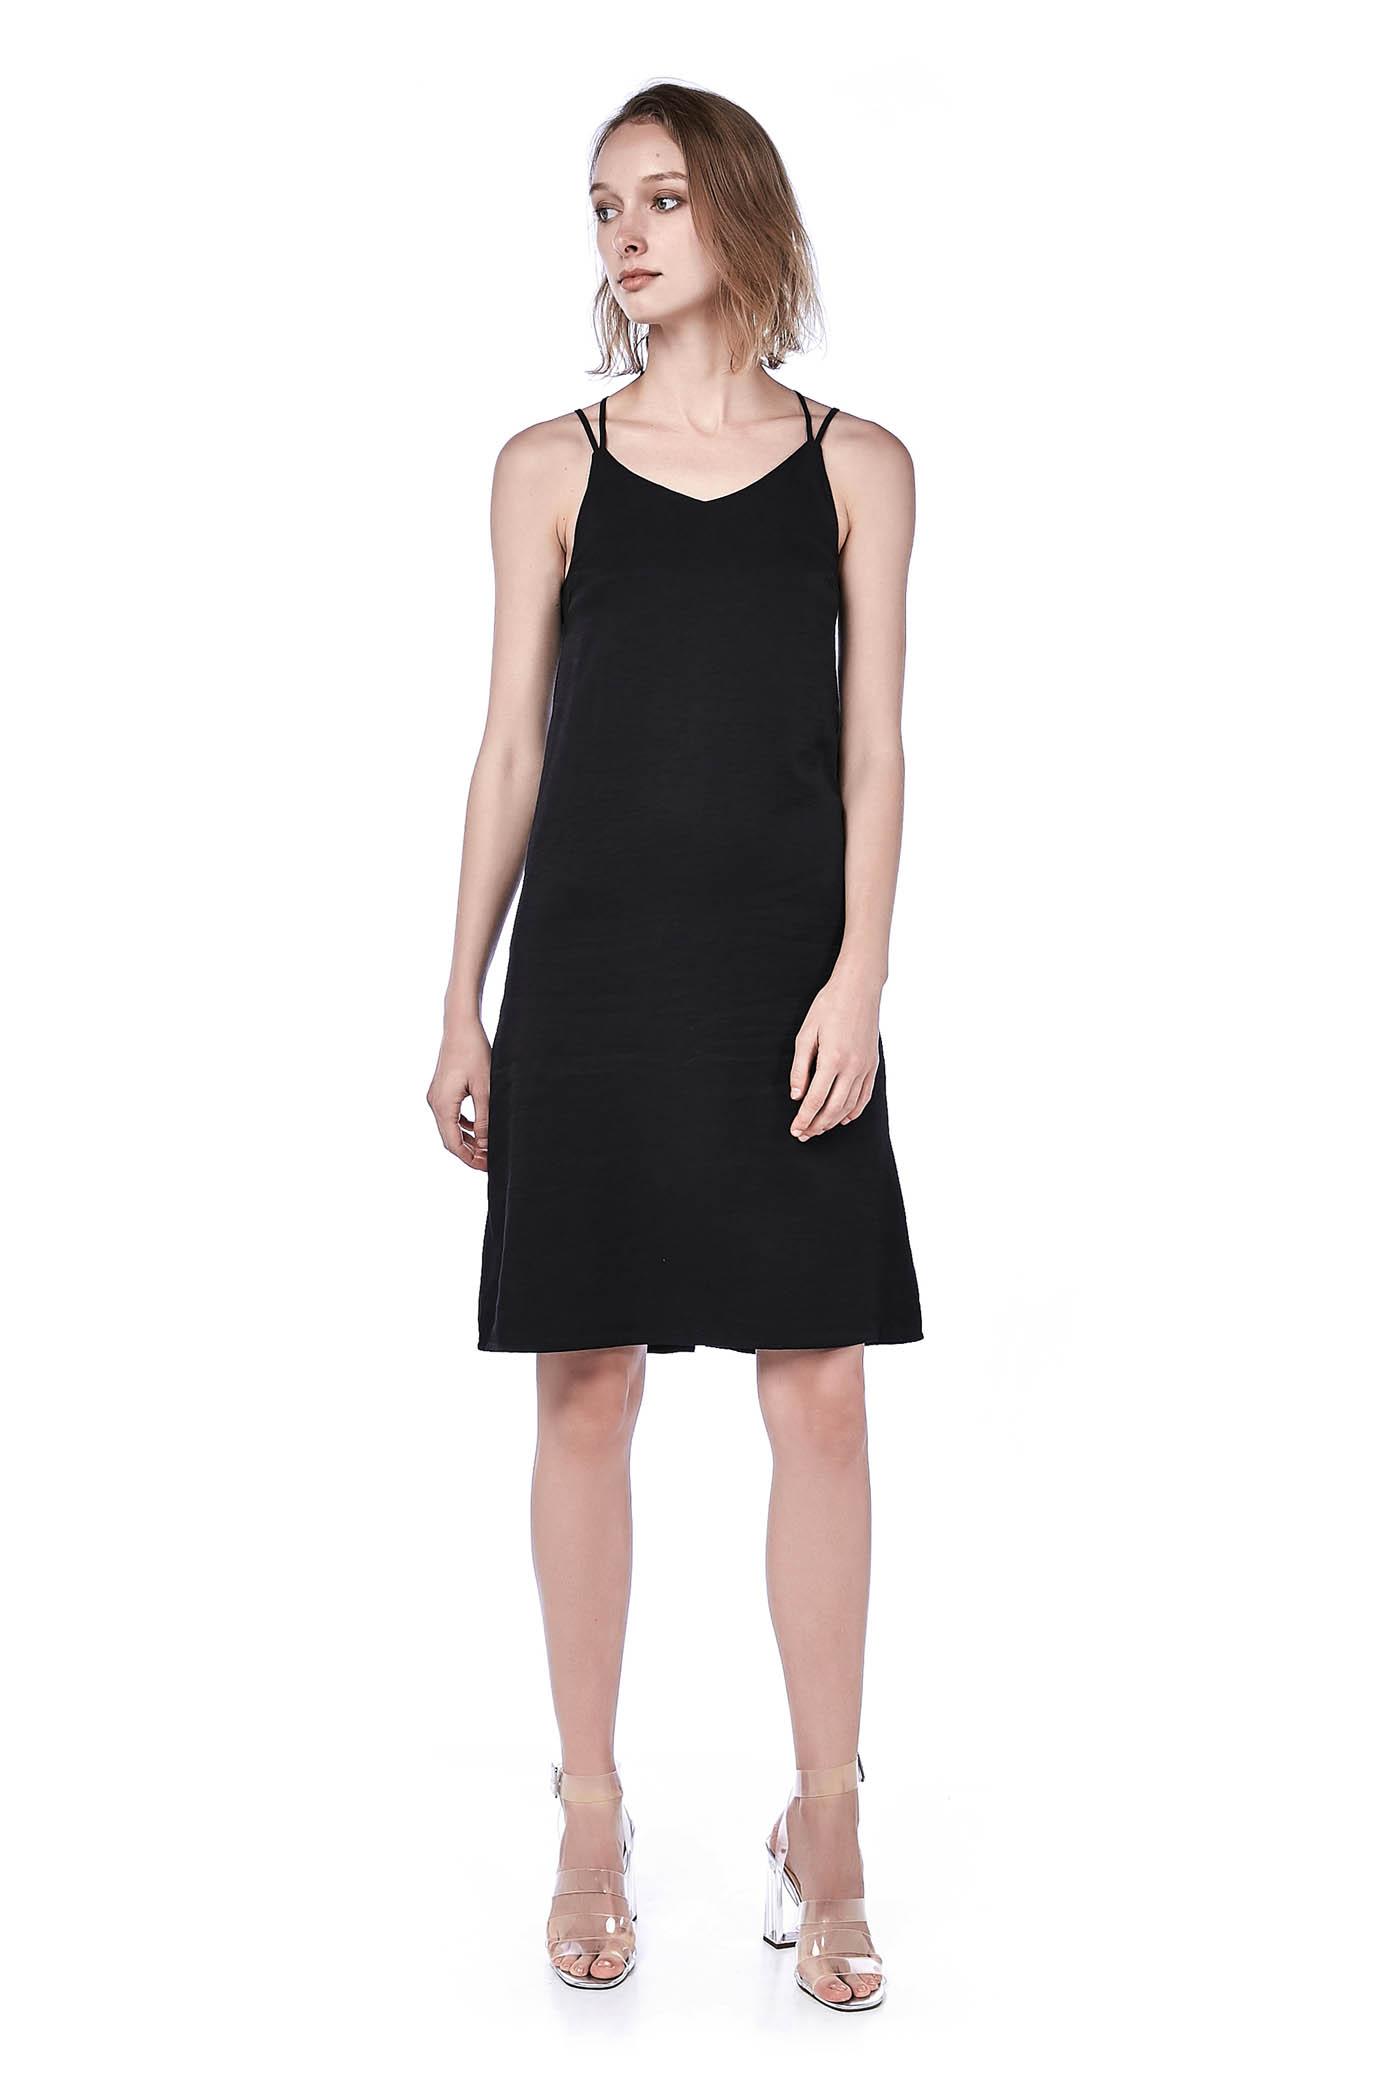 8facfff7e1 Rusila Cross-Strap Midi Dress